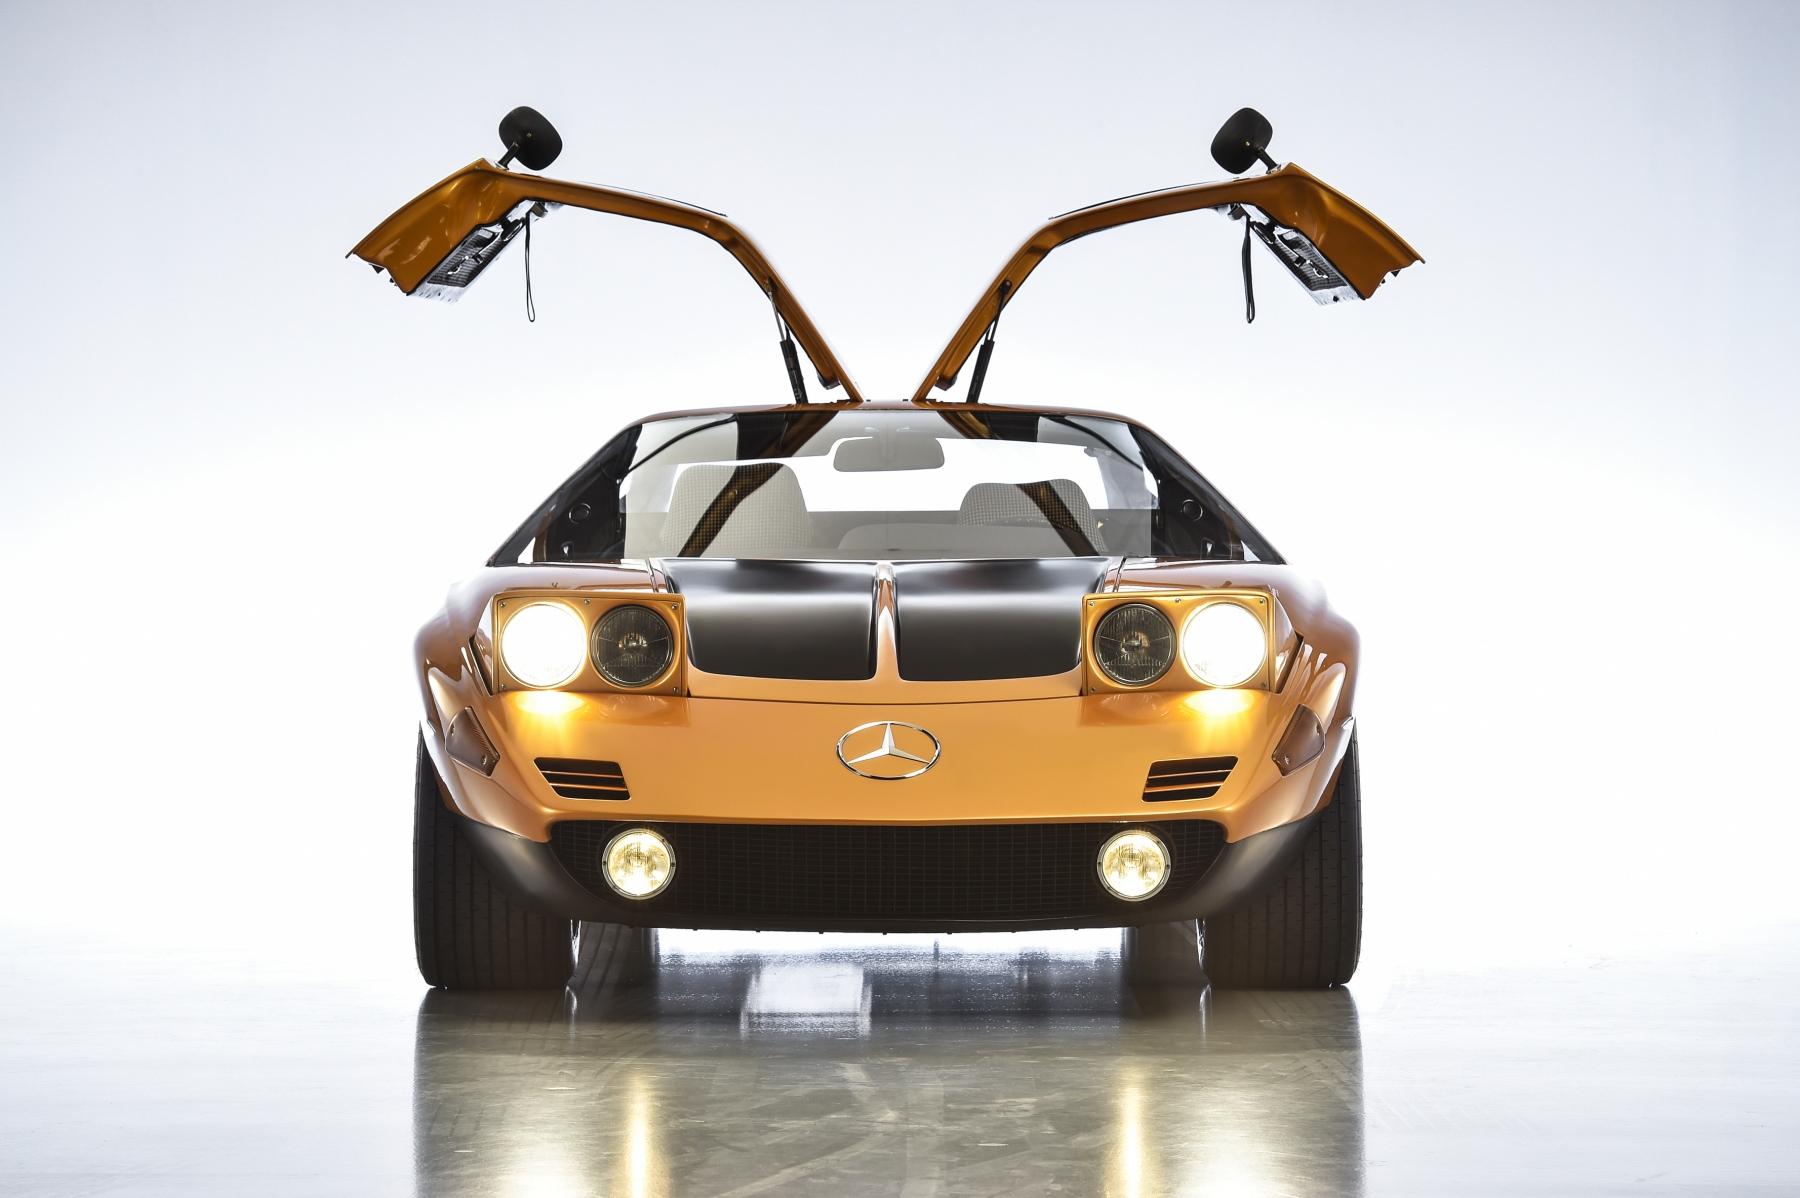 Mercedes C 111 e Vision AVTR